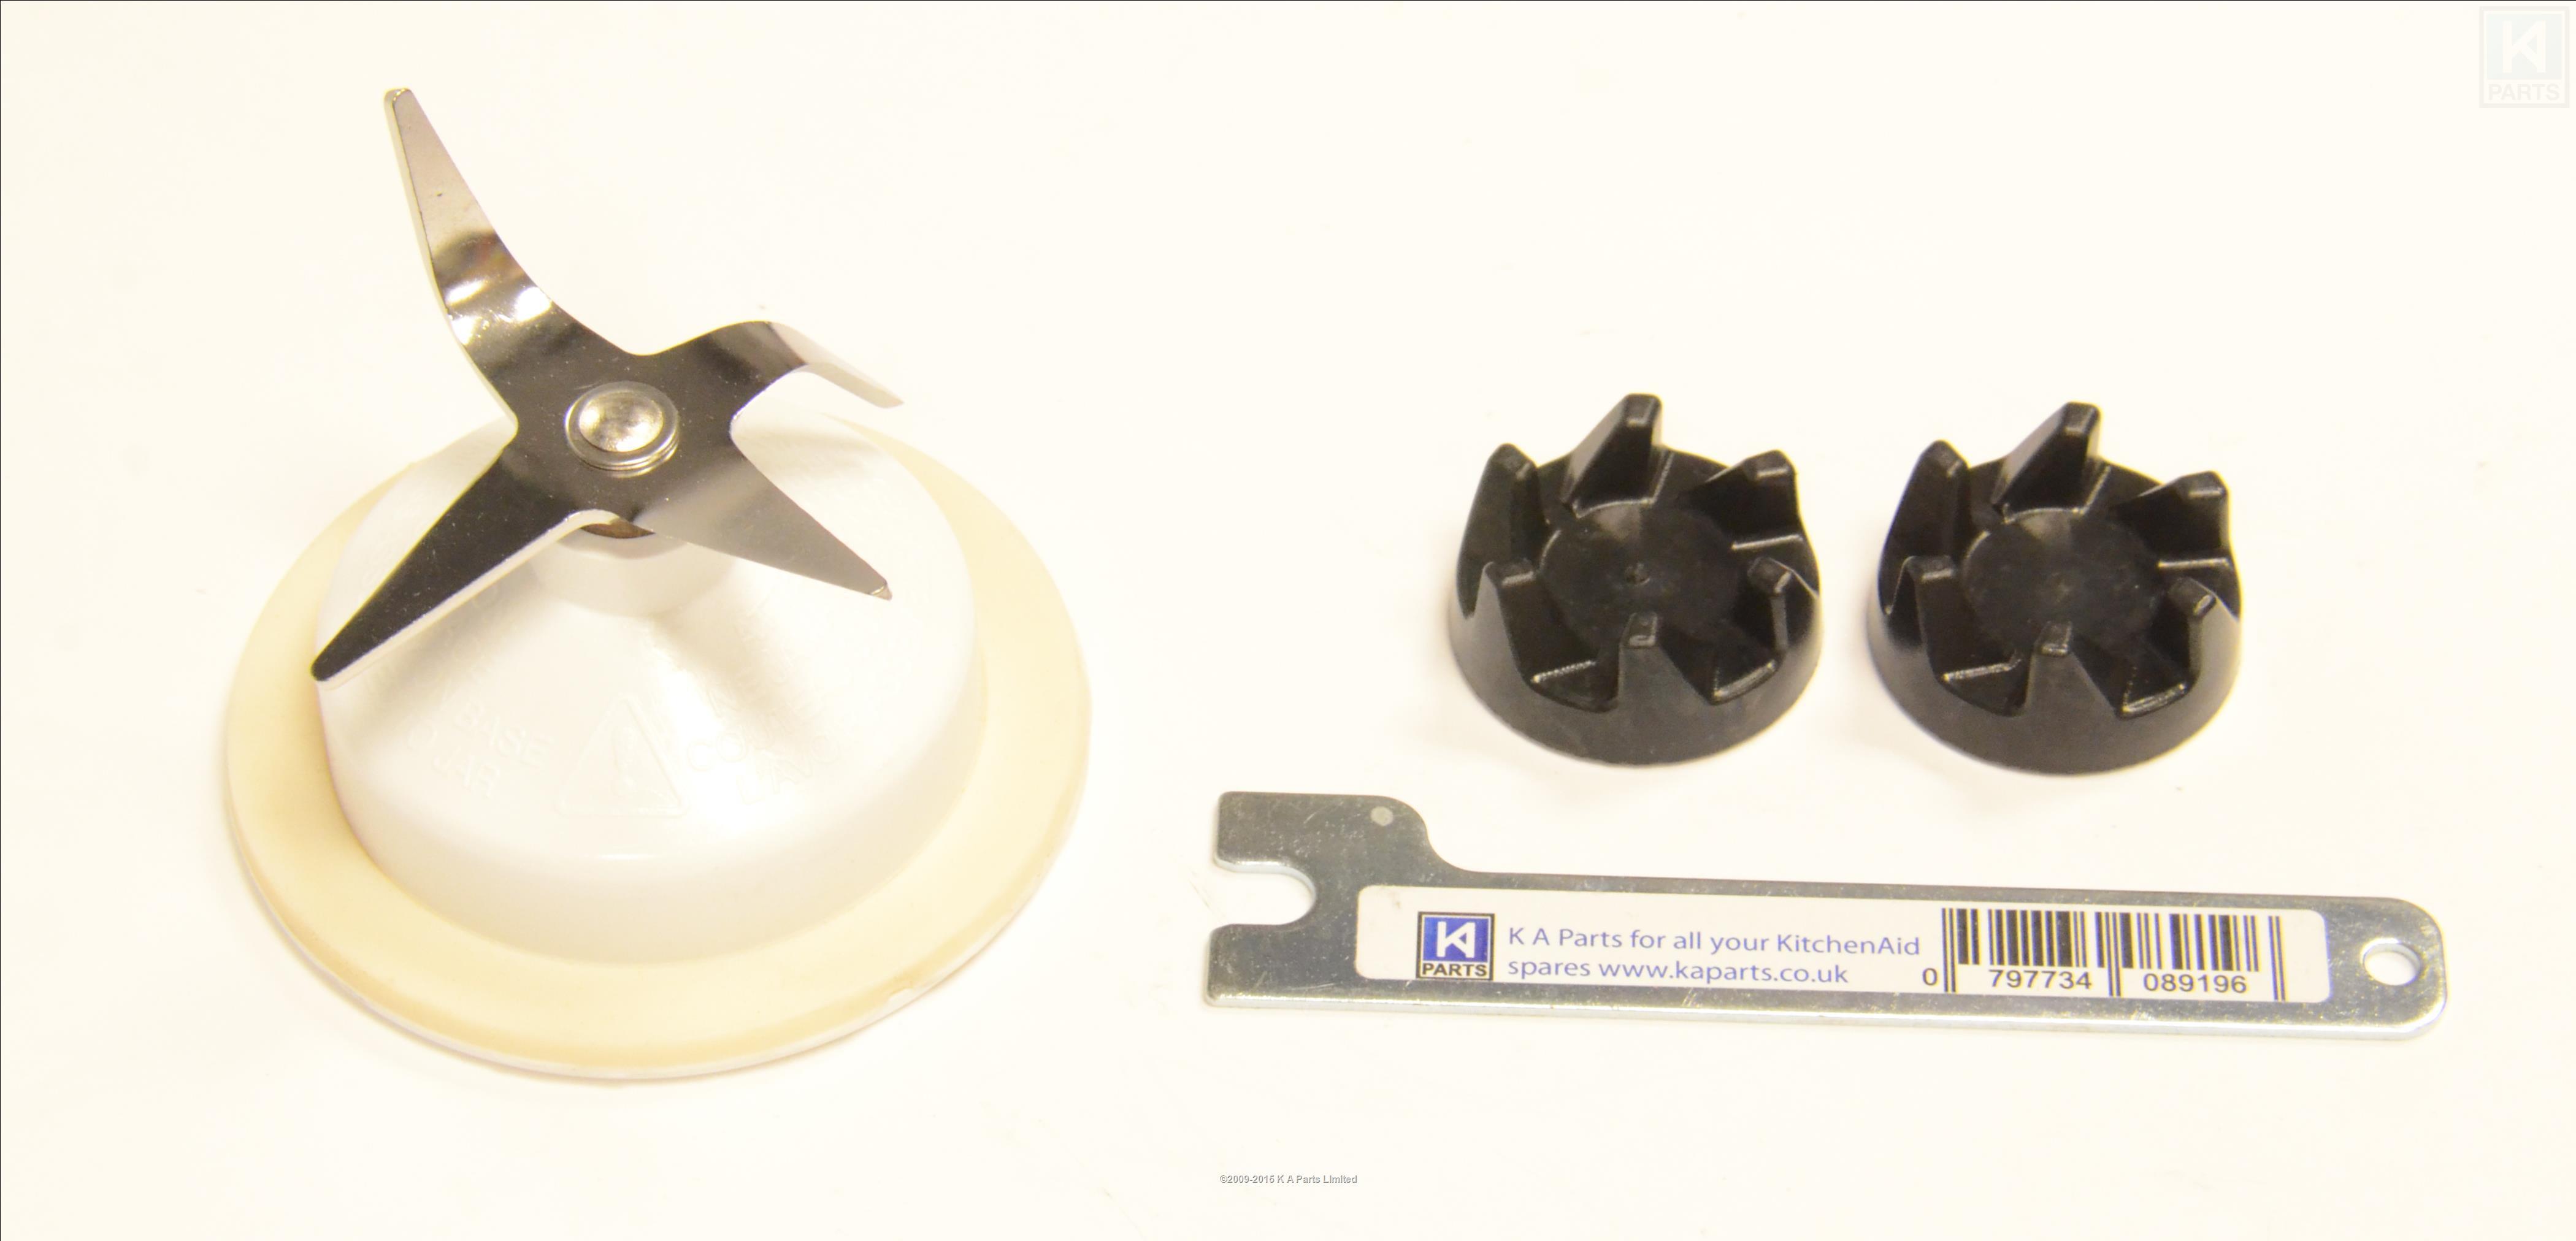 Blender coupler coupling - Kitchenaid blender parts uk ...